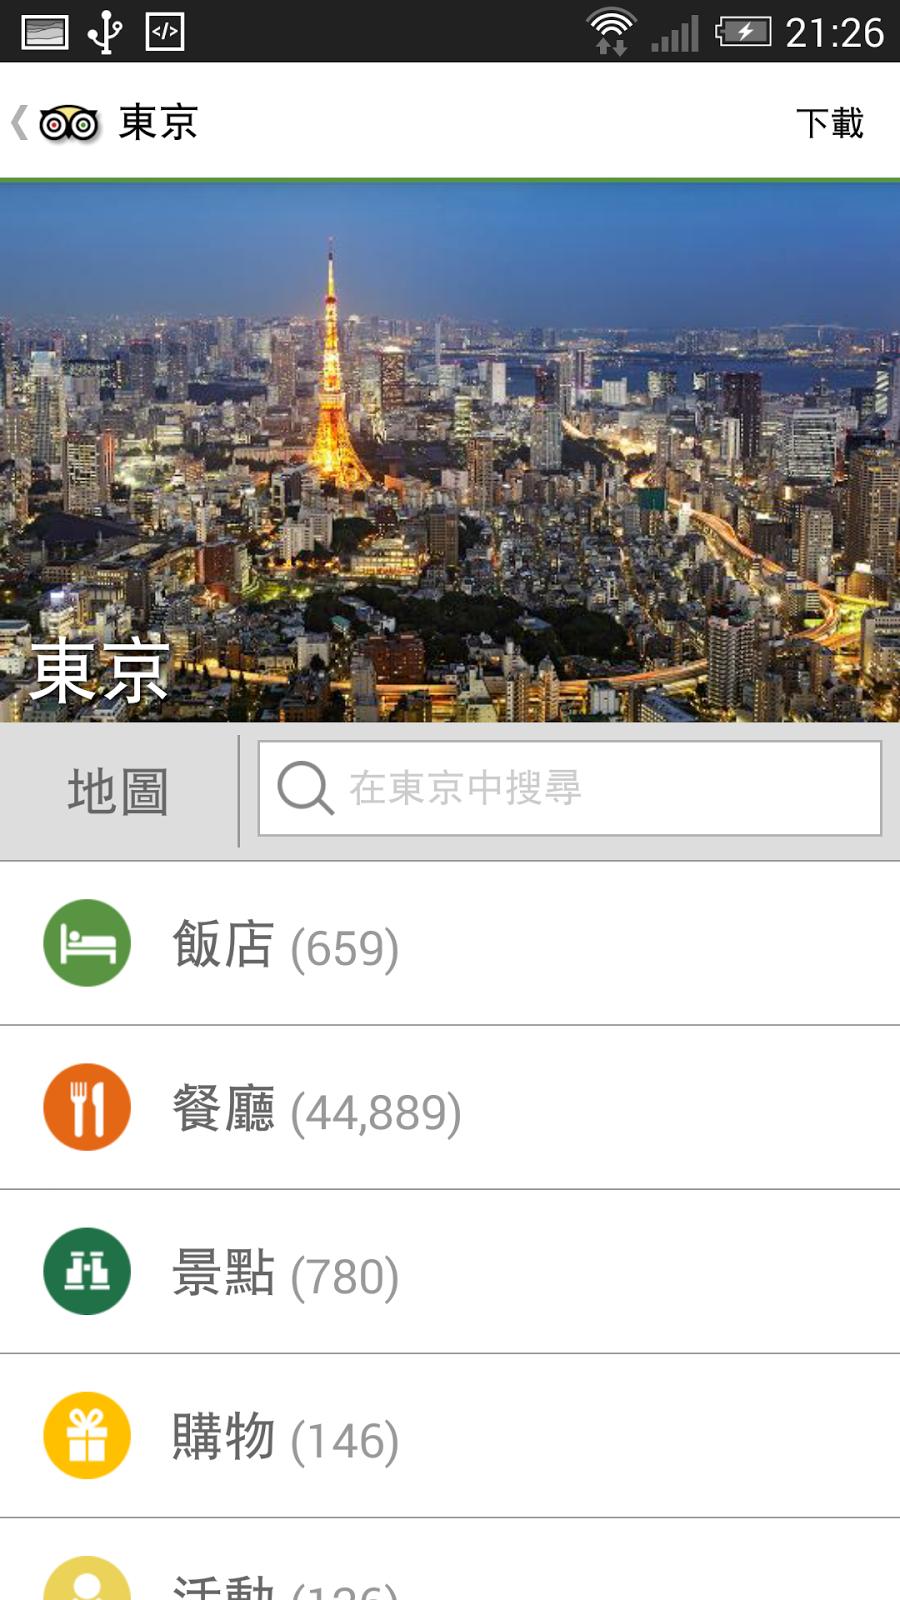 免費下載全球最大旅遊網 TripAdvisor 300個城市離線地圖 TripAdvisor+-09